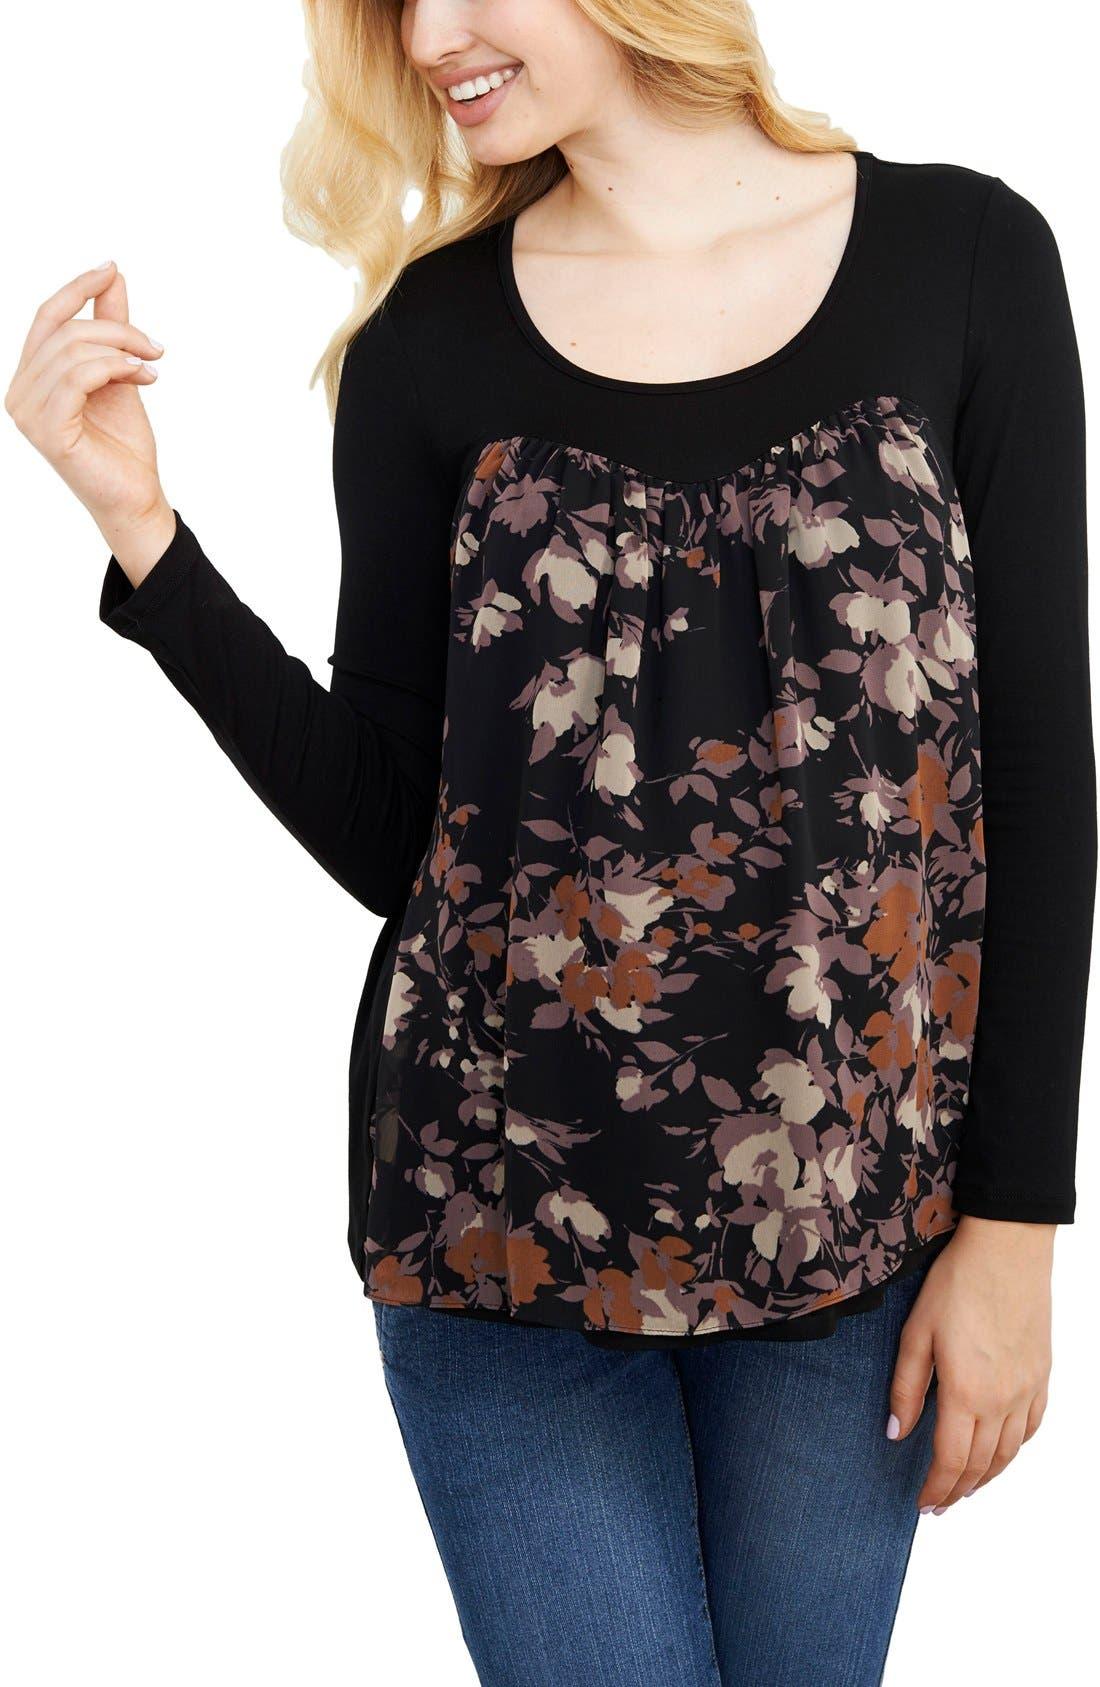 Chiffon Knit Maternity Top,                             Main thumbnail 1, color,                             Black/ Lilac Floral Print